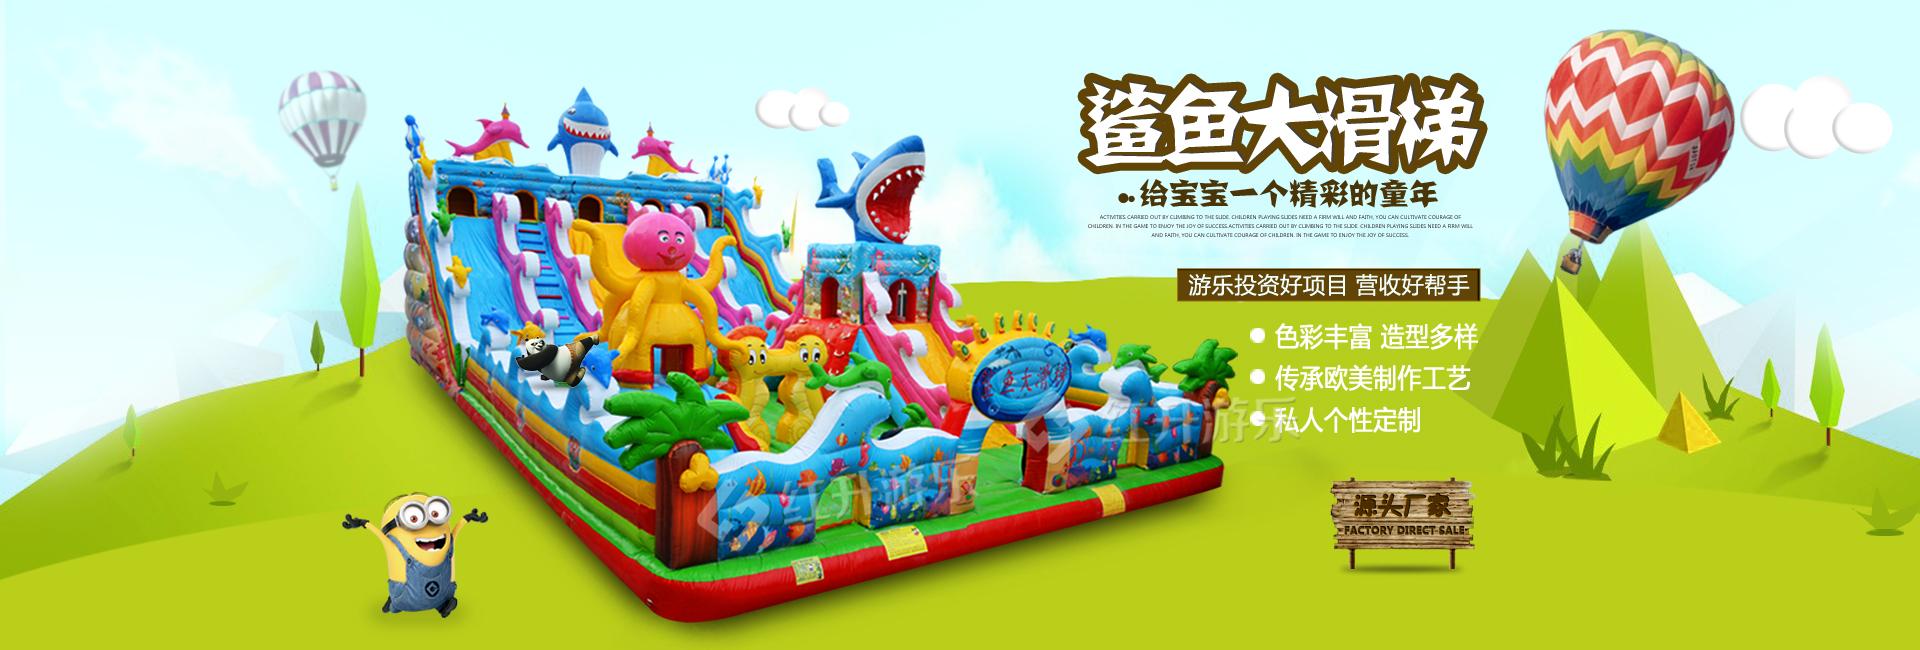 充气城堡/水上乐园儿童游乐设备厂家-红升游乐设备网站横幅